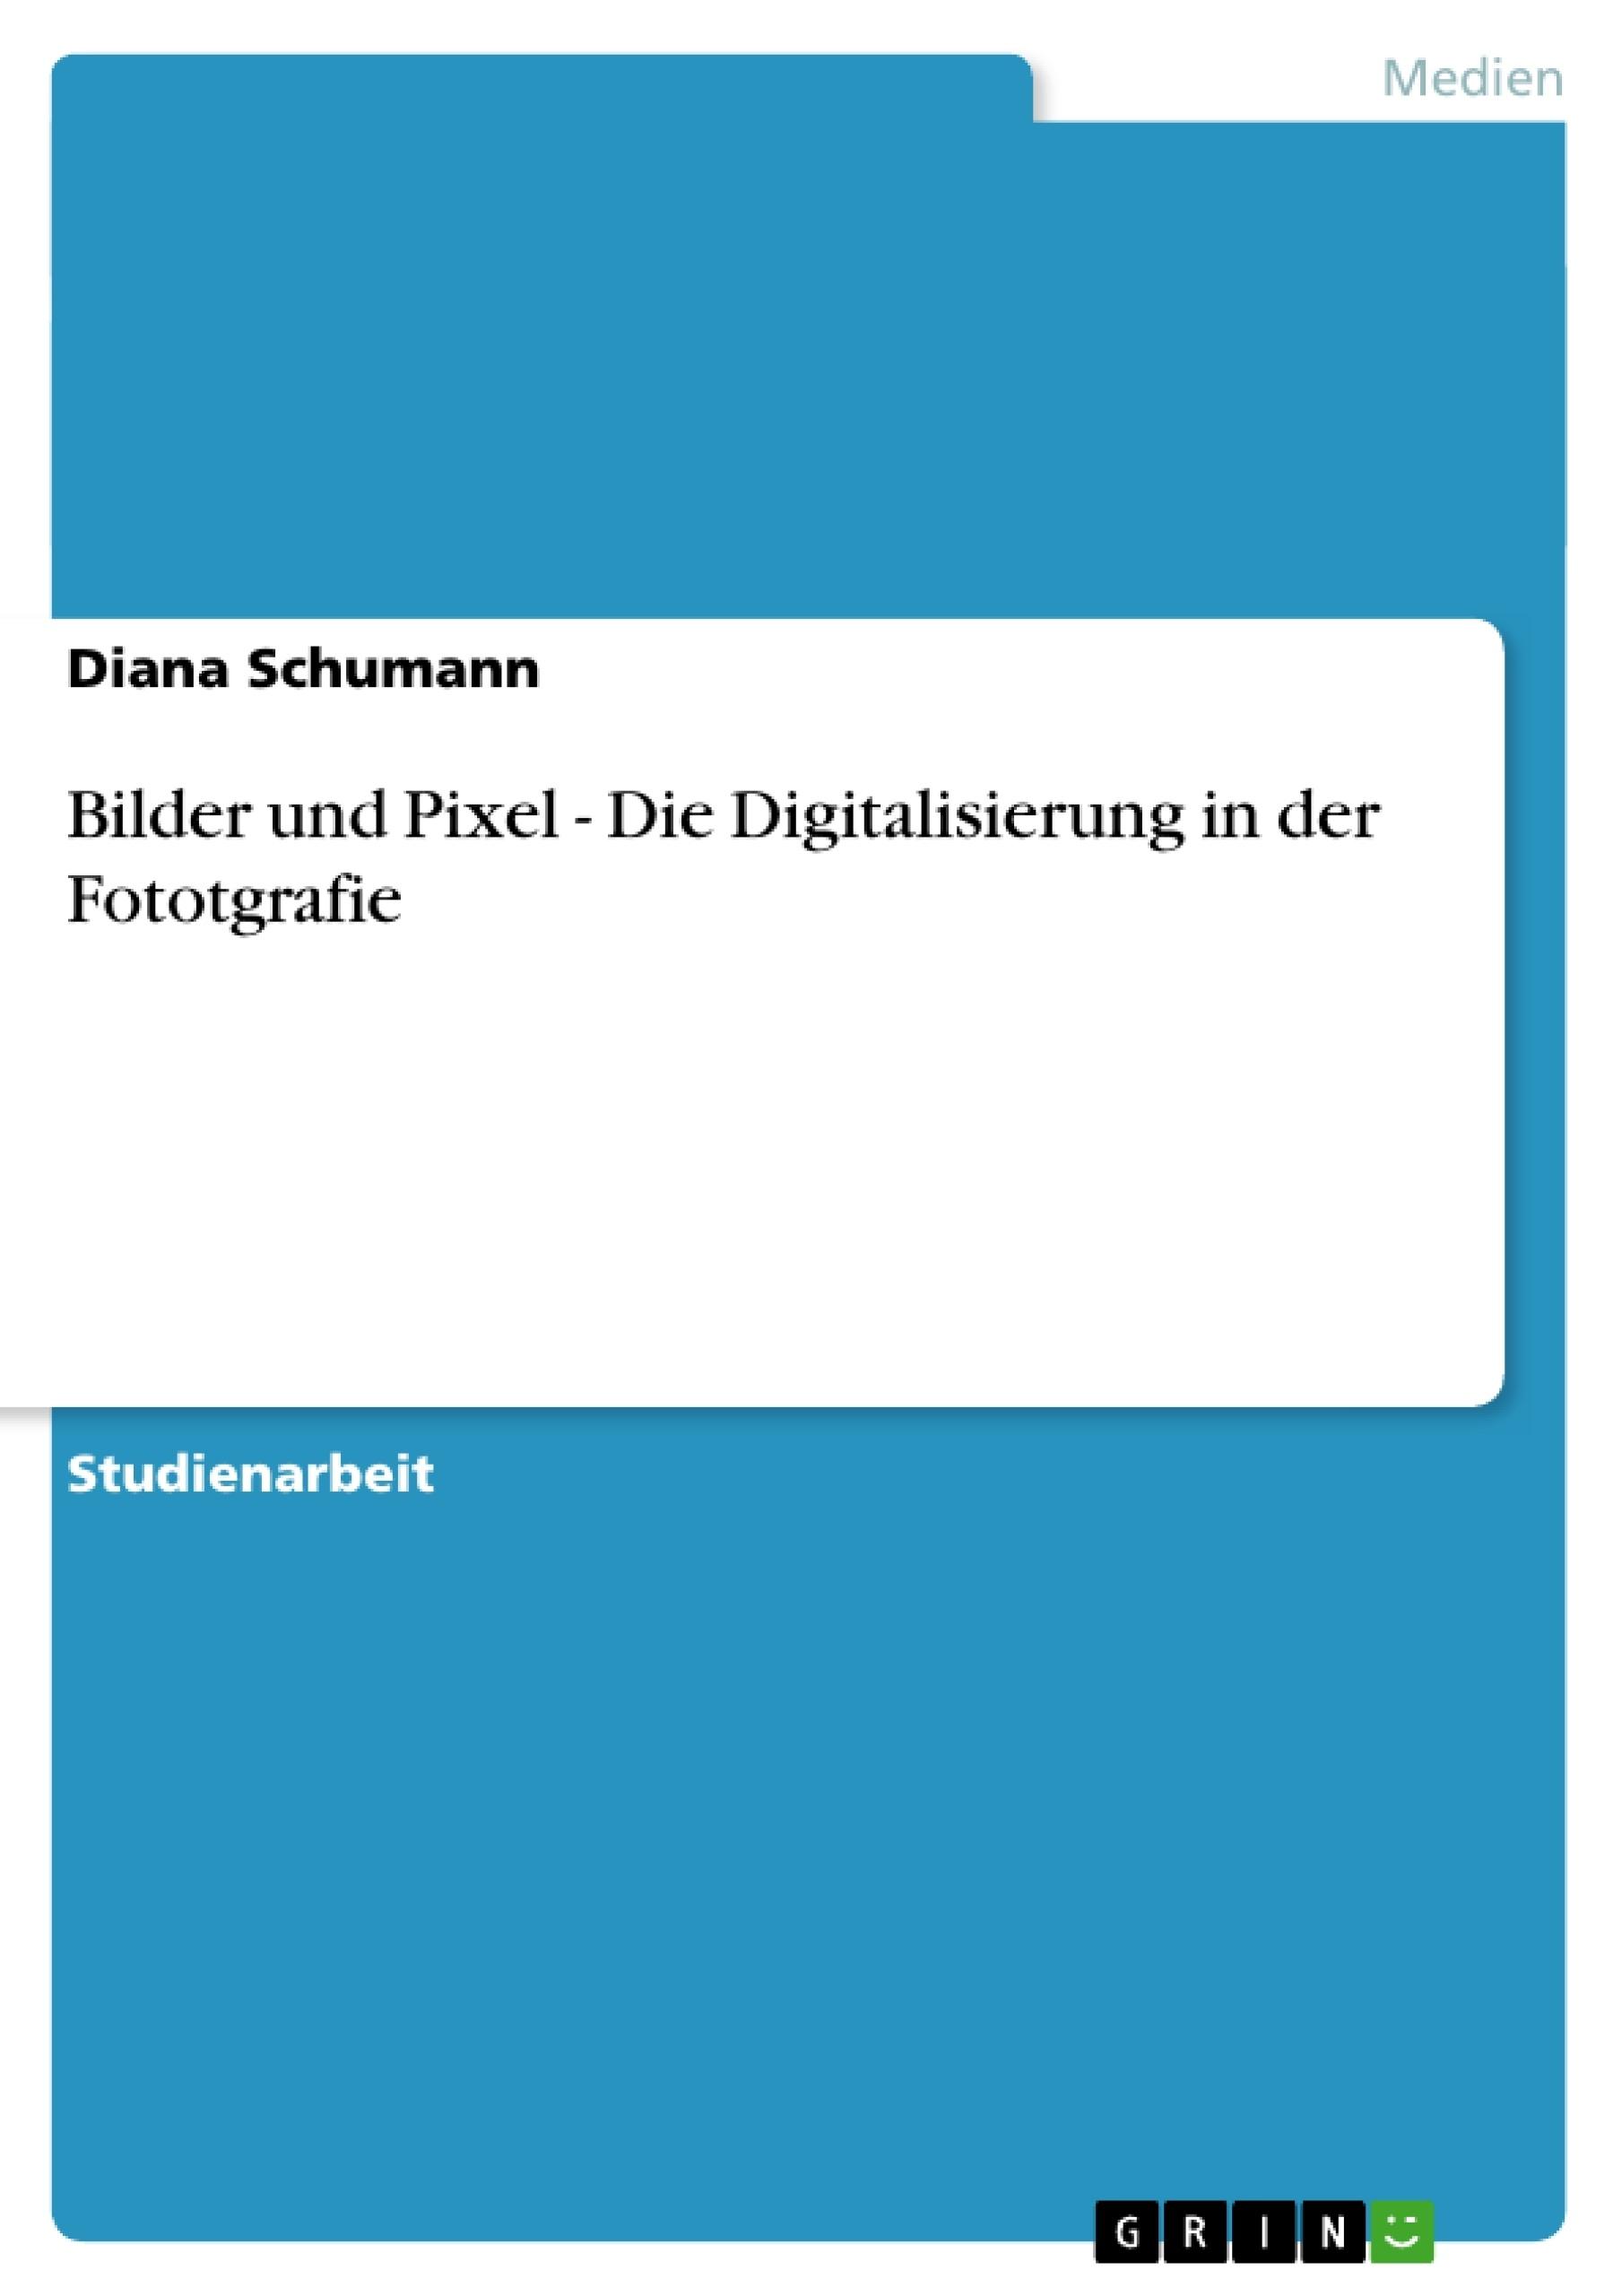 Titel: Bilder und Pixel - Die Digitalisierung in der Fototgrafie